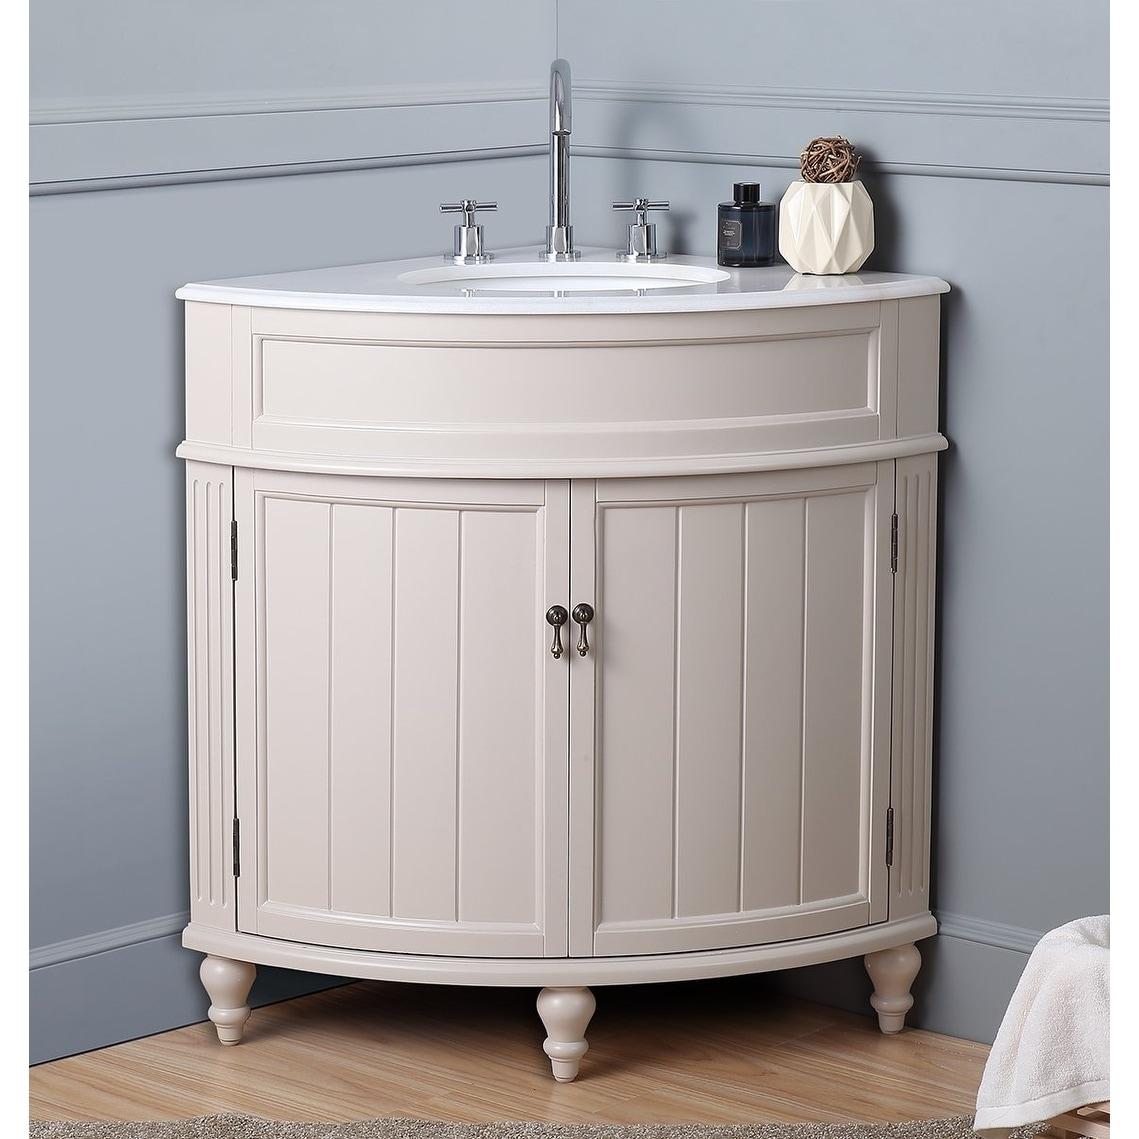 24 Thomasville Gray Modern Slim Corner Bathroom Sink Vanity Zk 47566ck Bathroom Vanities Tools Home Improvement Doingoood Nl